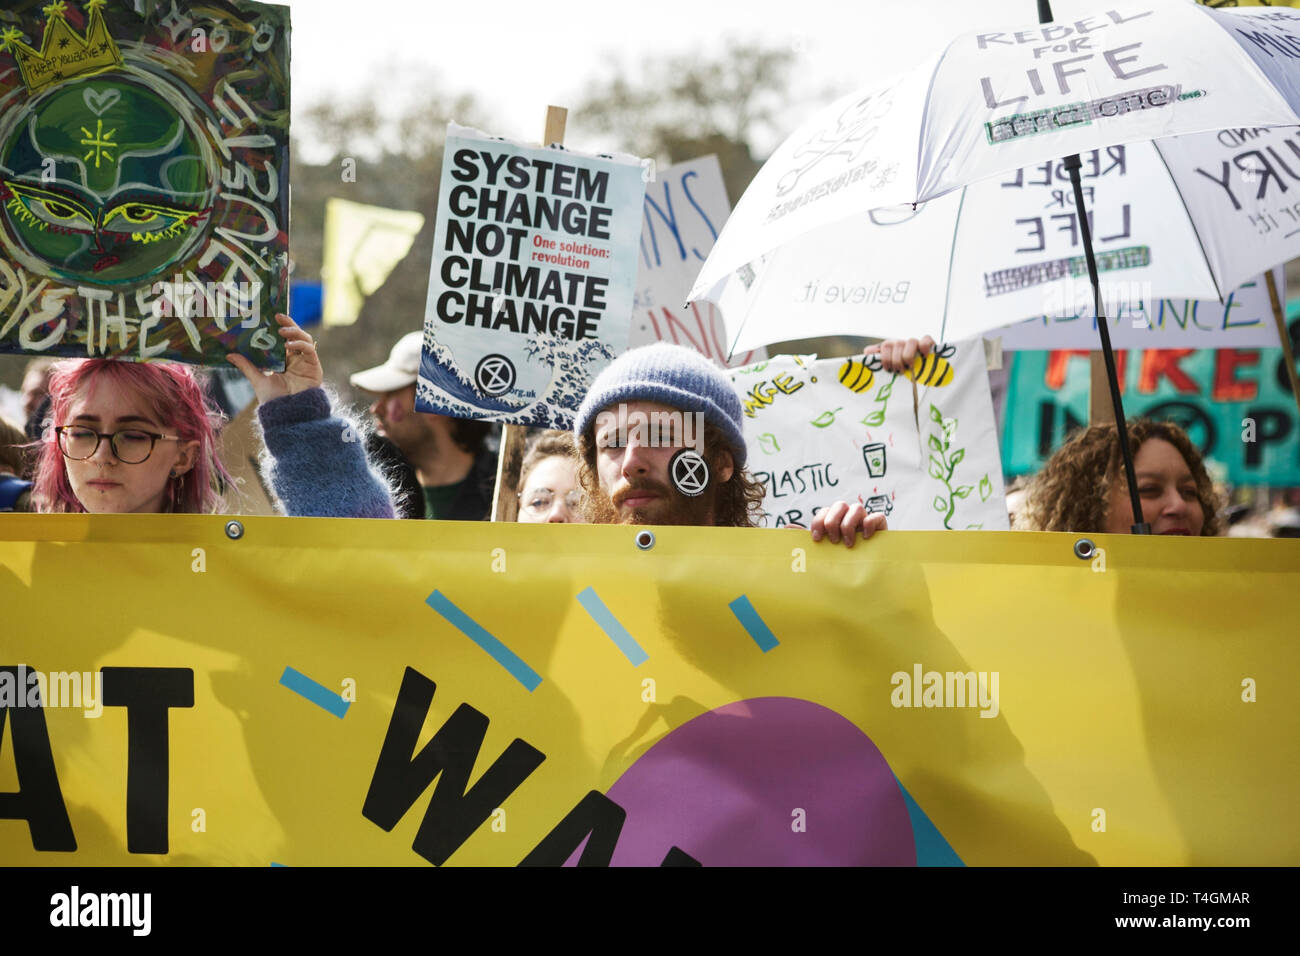 Rébellion Extinction Londres - Protestation de l'environnement exigeant des militants - les gouvernements prennent des mesures contre le changement climatique. Protestant. Banque D'Images